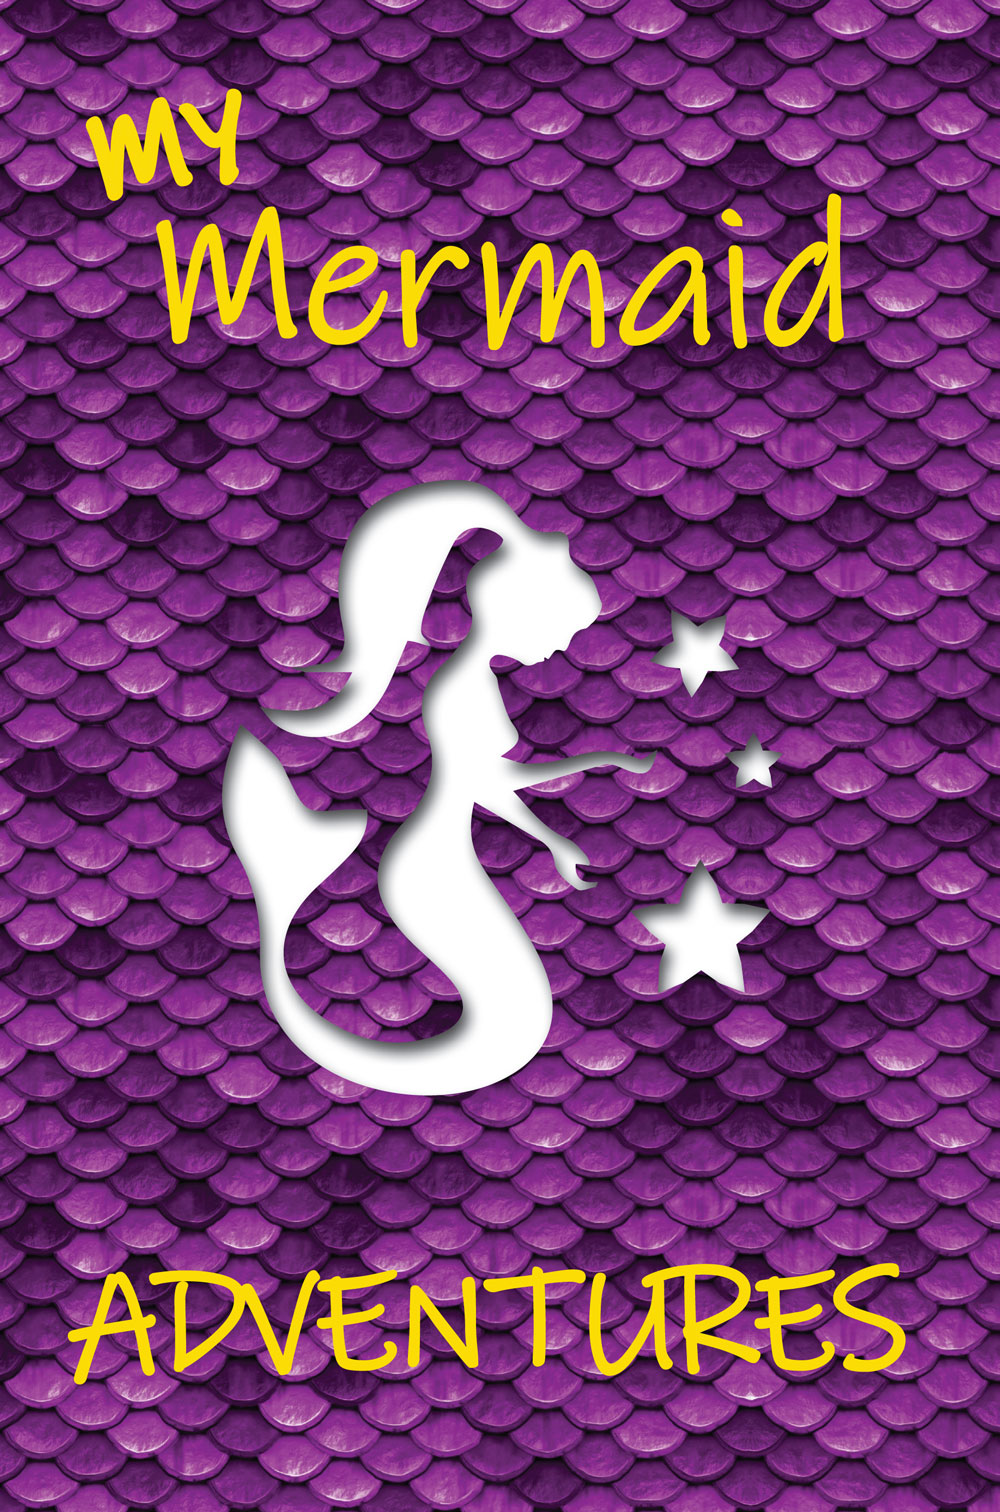 My Mermaid Adventures